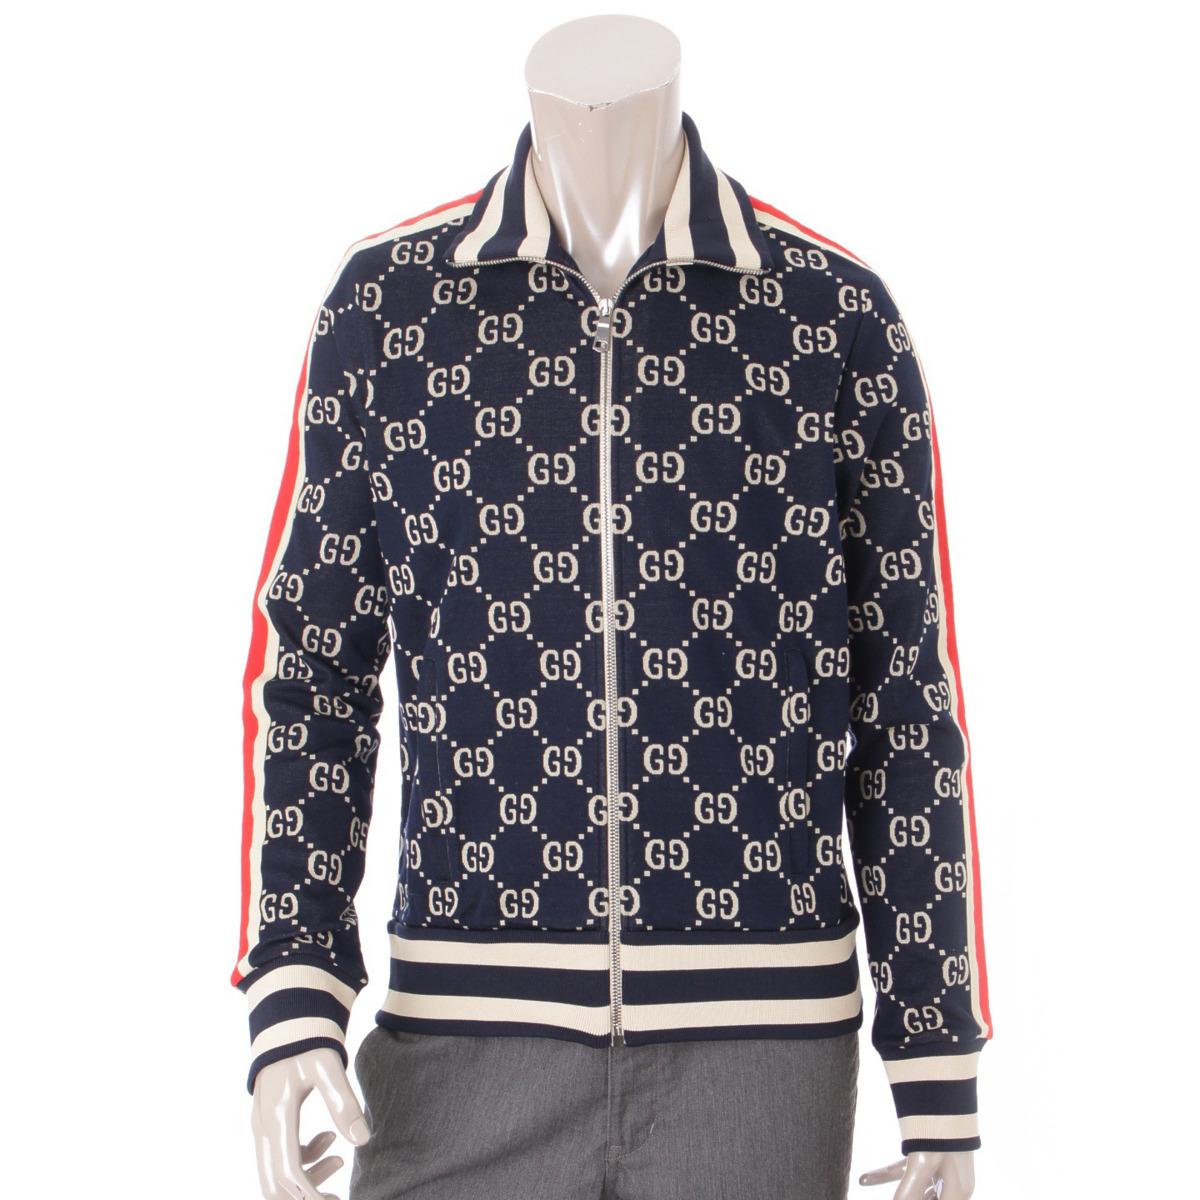 【グッチ】Gucci 18SS メンズ GGジャカード コットン ジャケット 496919 ネイビー XS 未使用【中古】【鑑定済・正規品保証】57512